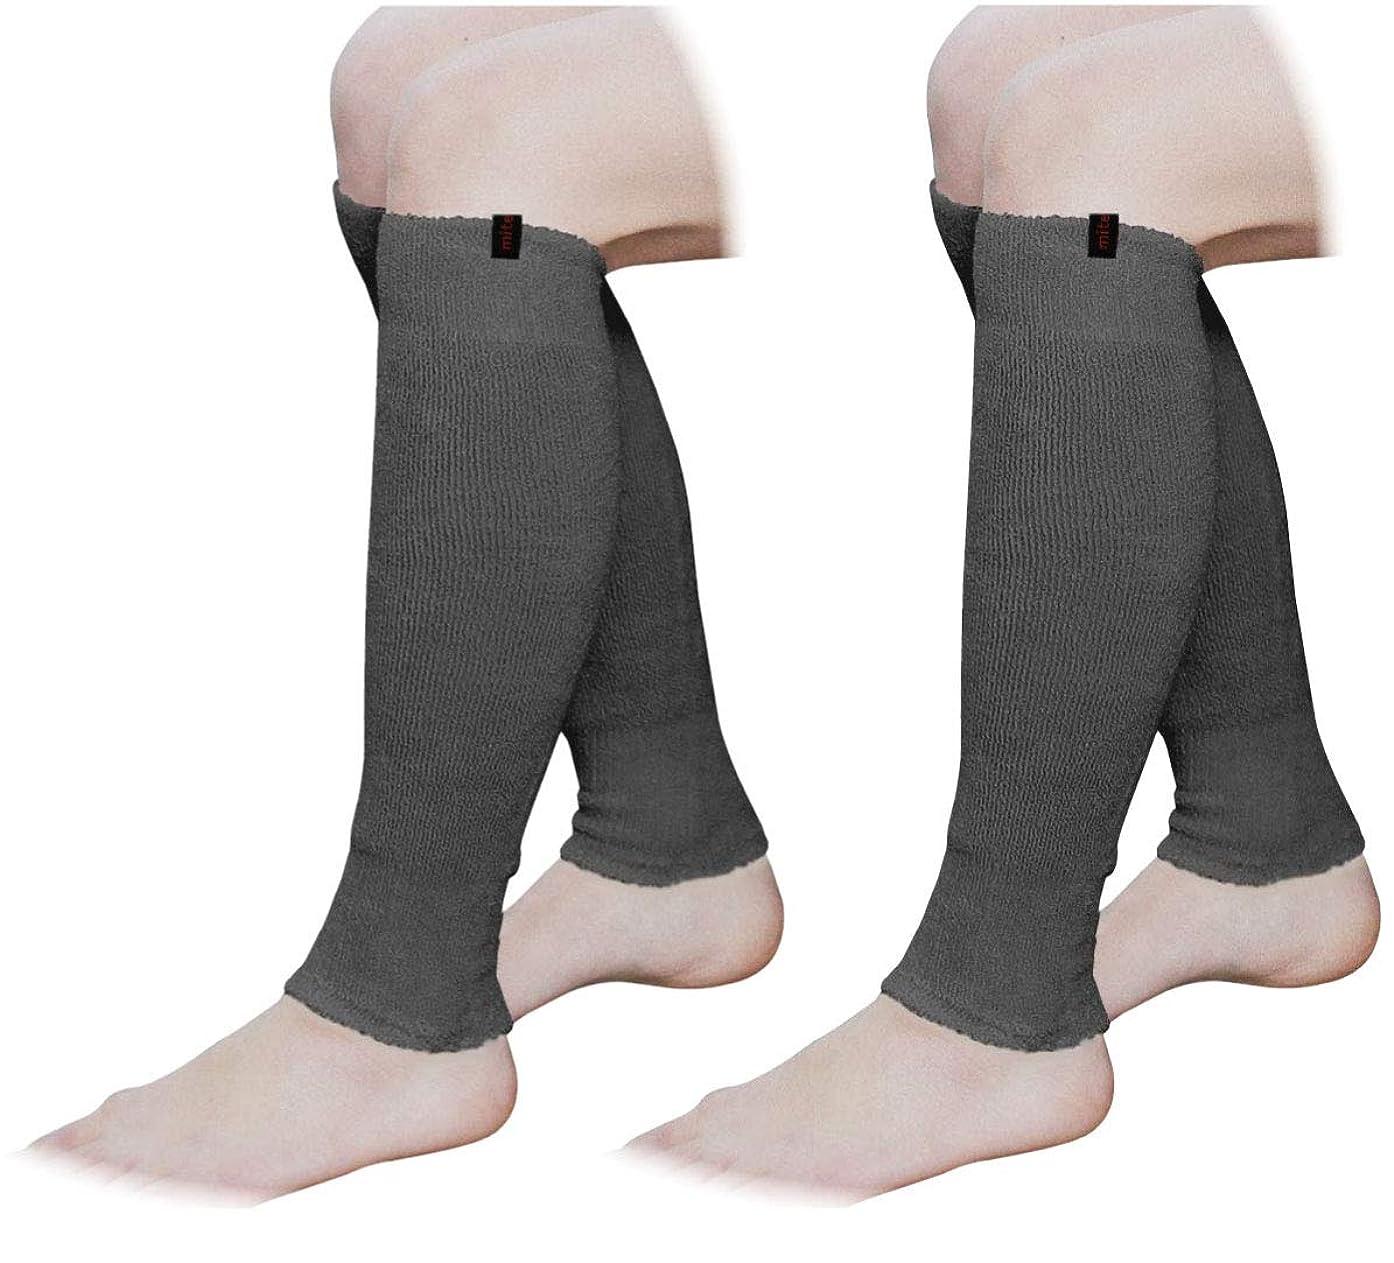 散歩そばにスポットふくらはぎ専用 ミーテ?ライトロング2足組(ブラック+ブラック)洗い替えセット 締め付けない ゆったりタイプ